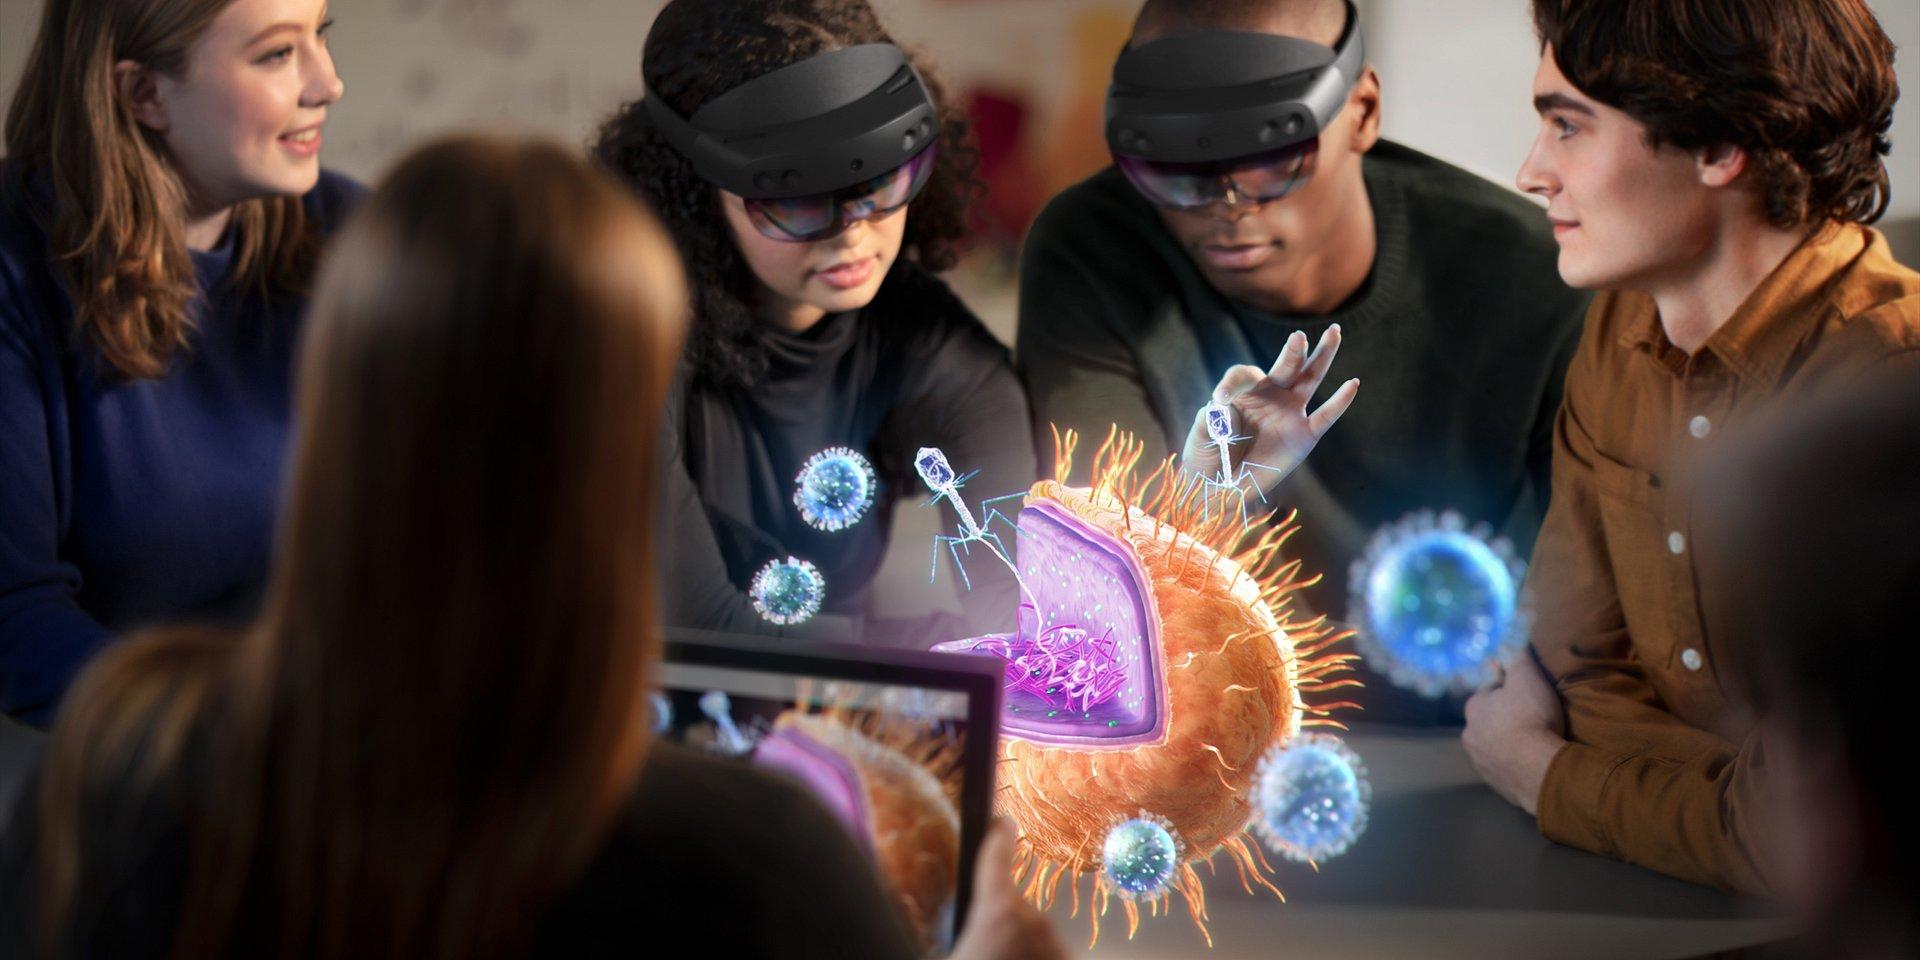 Microsoft eleva realidade virtual a outro nível com nova versão de HoloLens